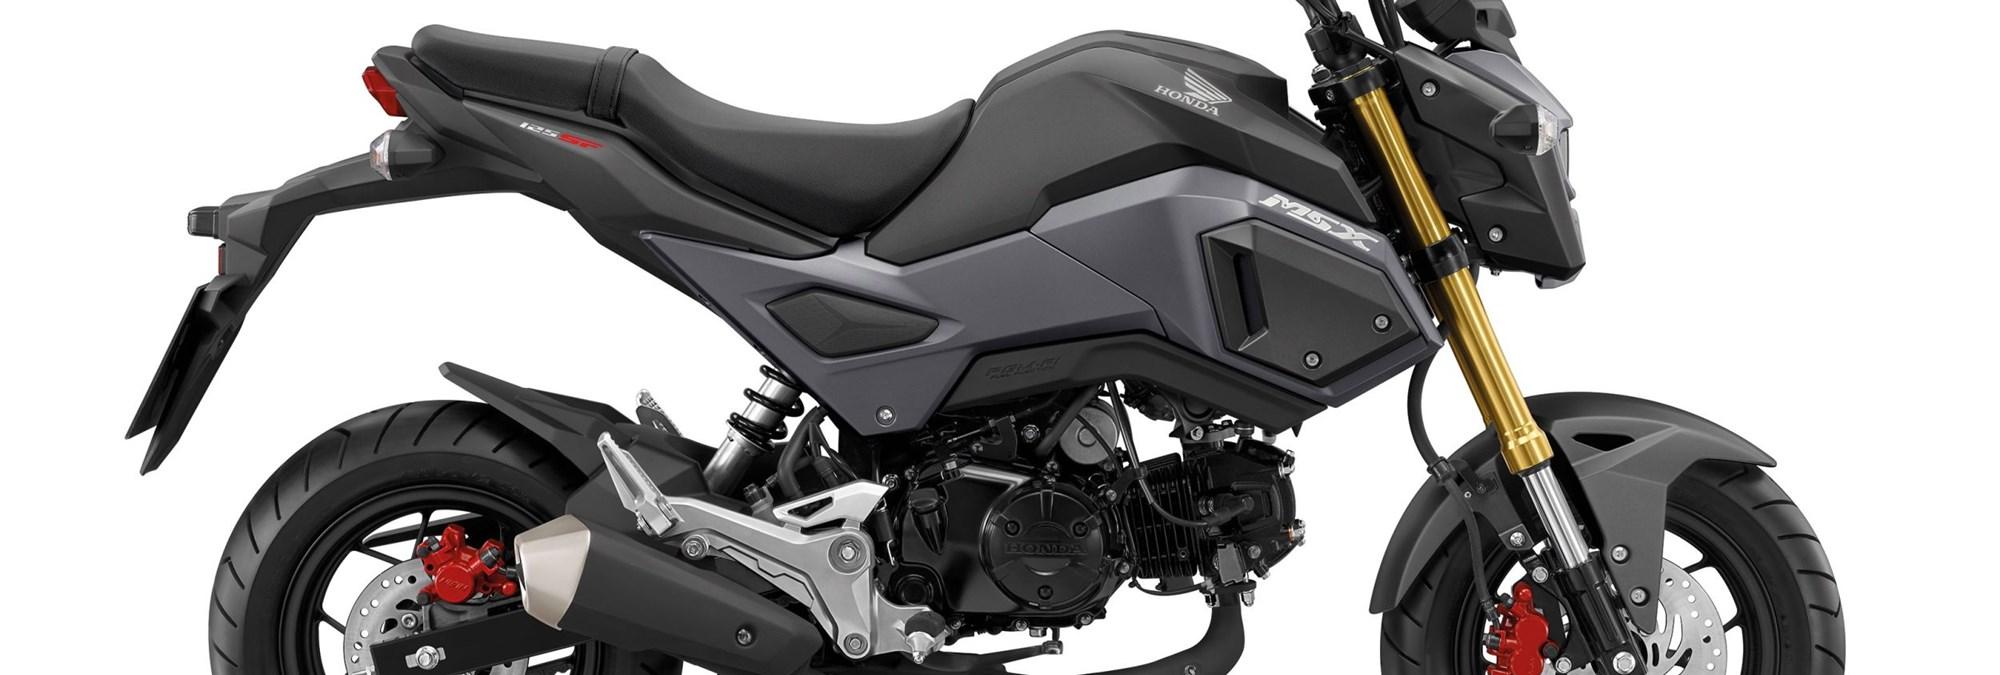 Honda MSX 125 - Alle technischen Daten zum Modell MSX 125 von Honda